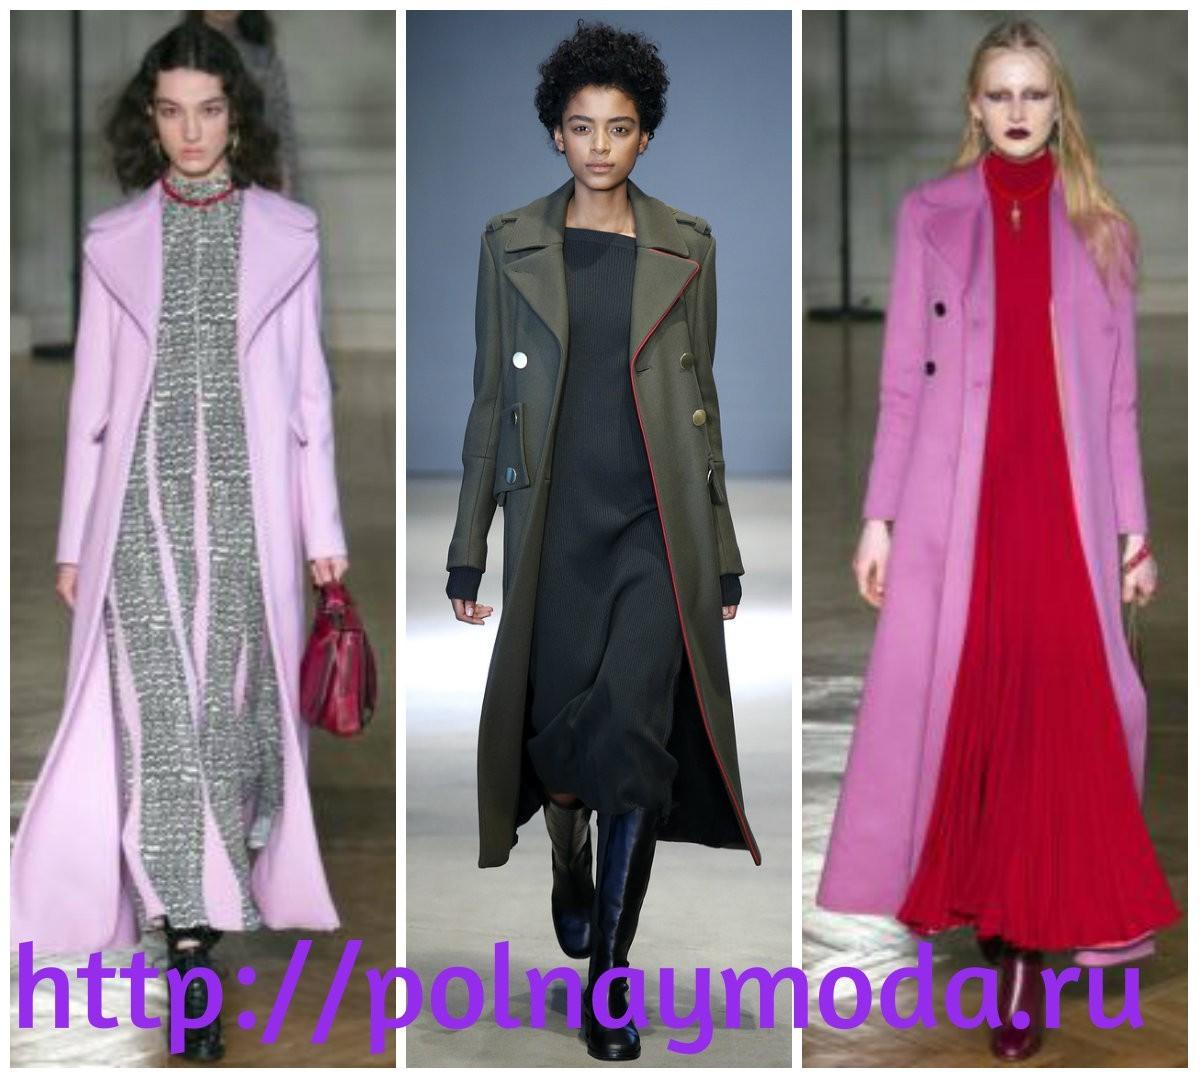 Пальто для женщин в стиле милитари, А-силуэта, мода осень зима 2017 2018